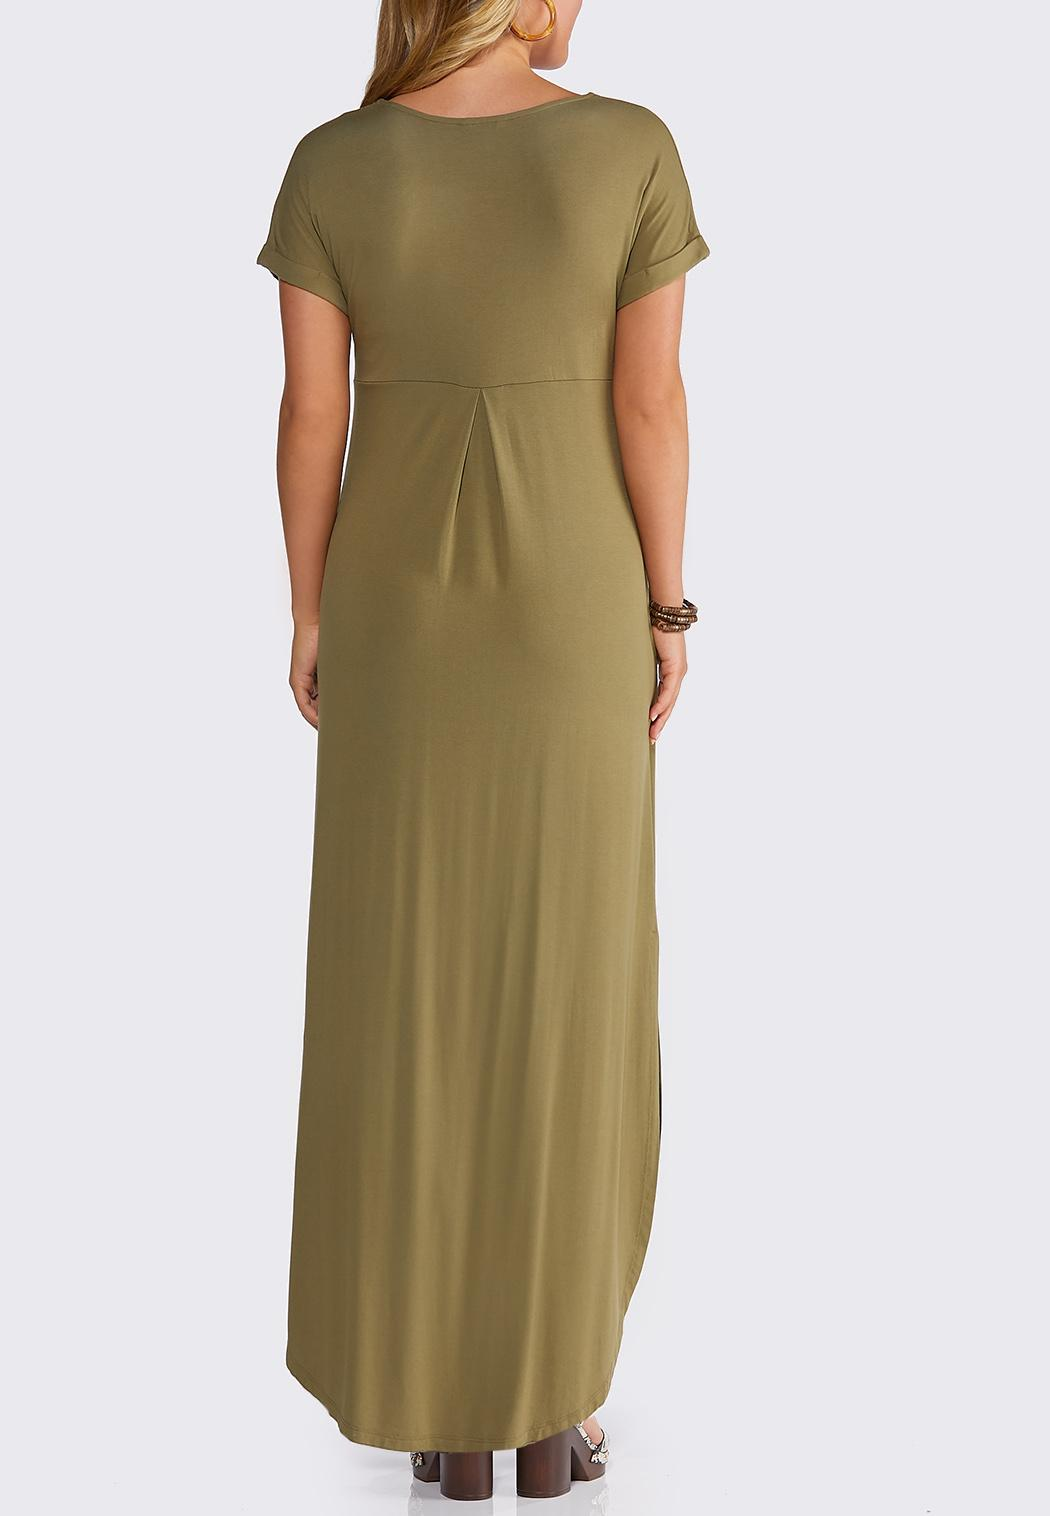 Strappy V-Neck Maxi Dress (Item #43834113)